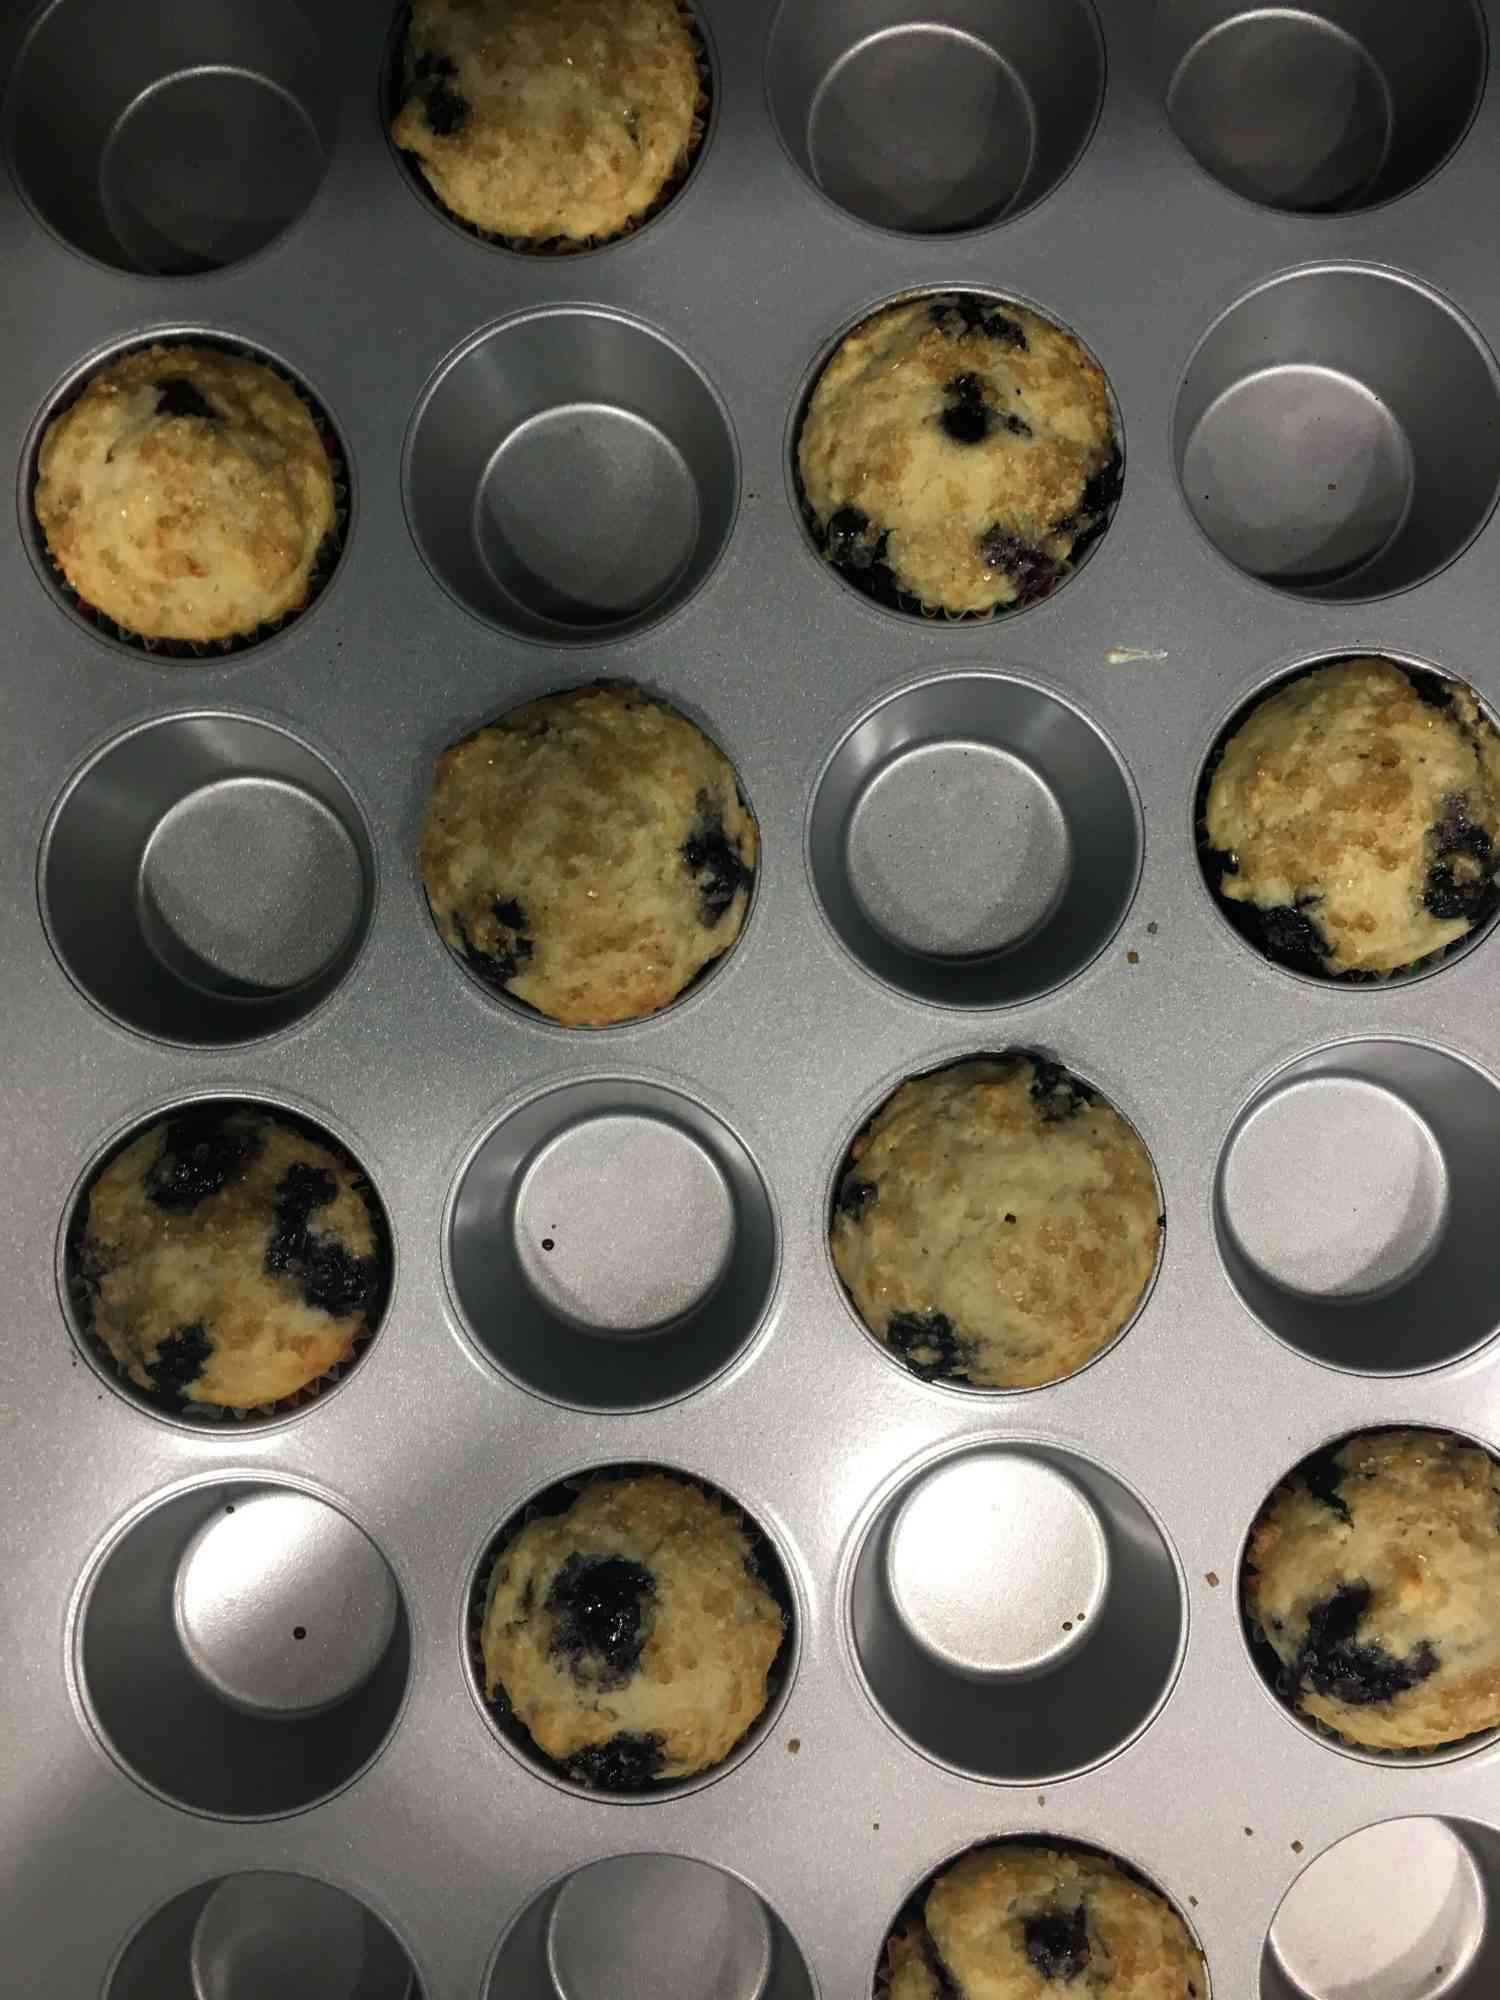 muffins in a tin